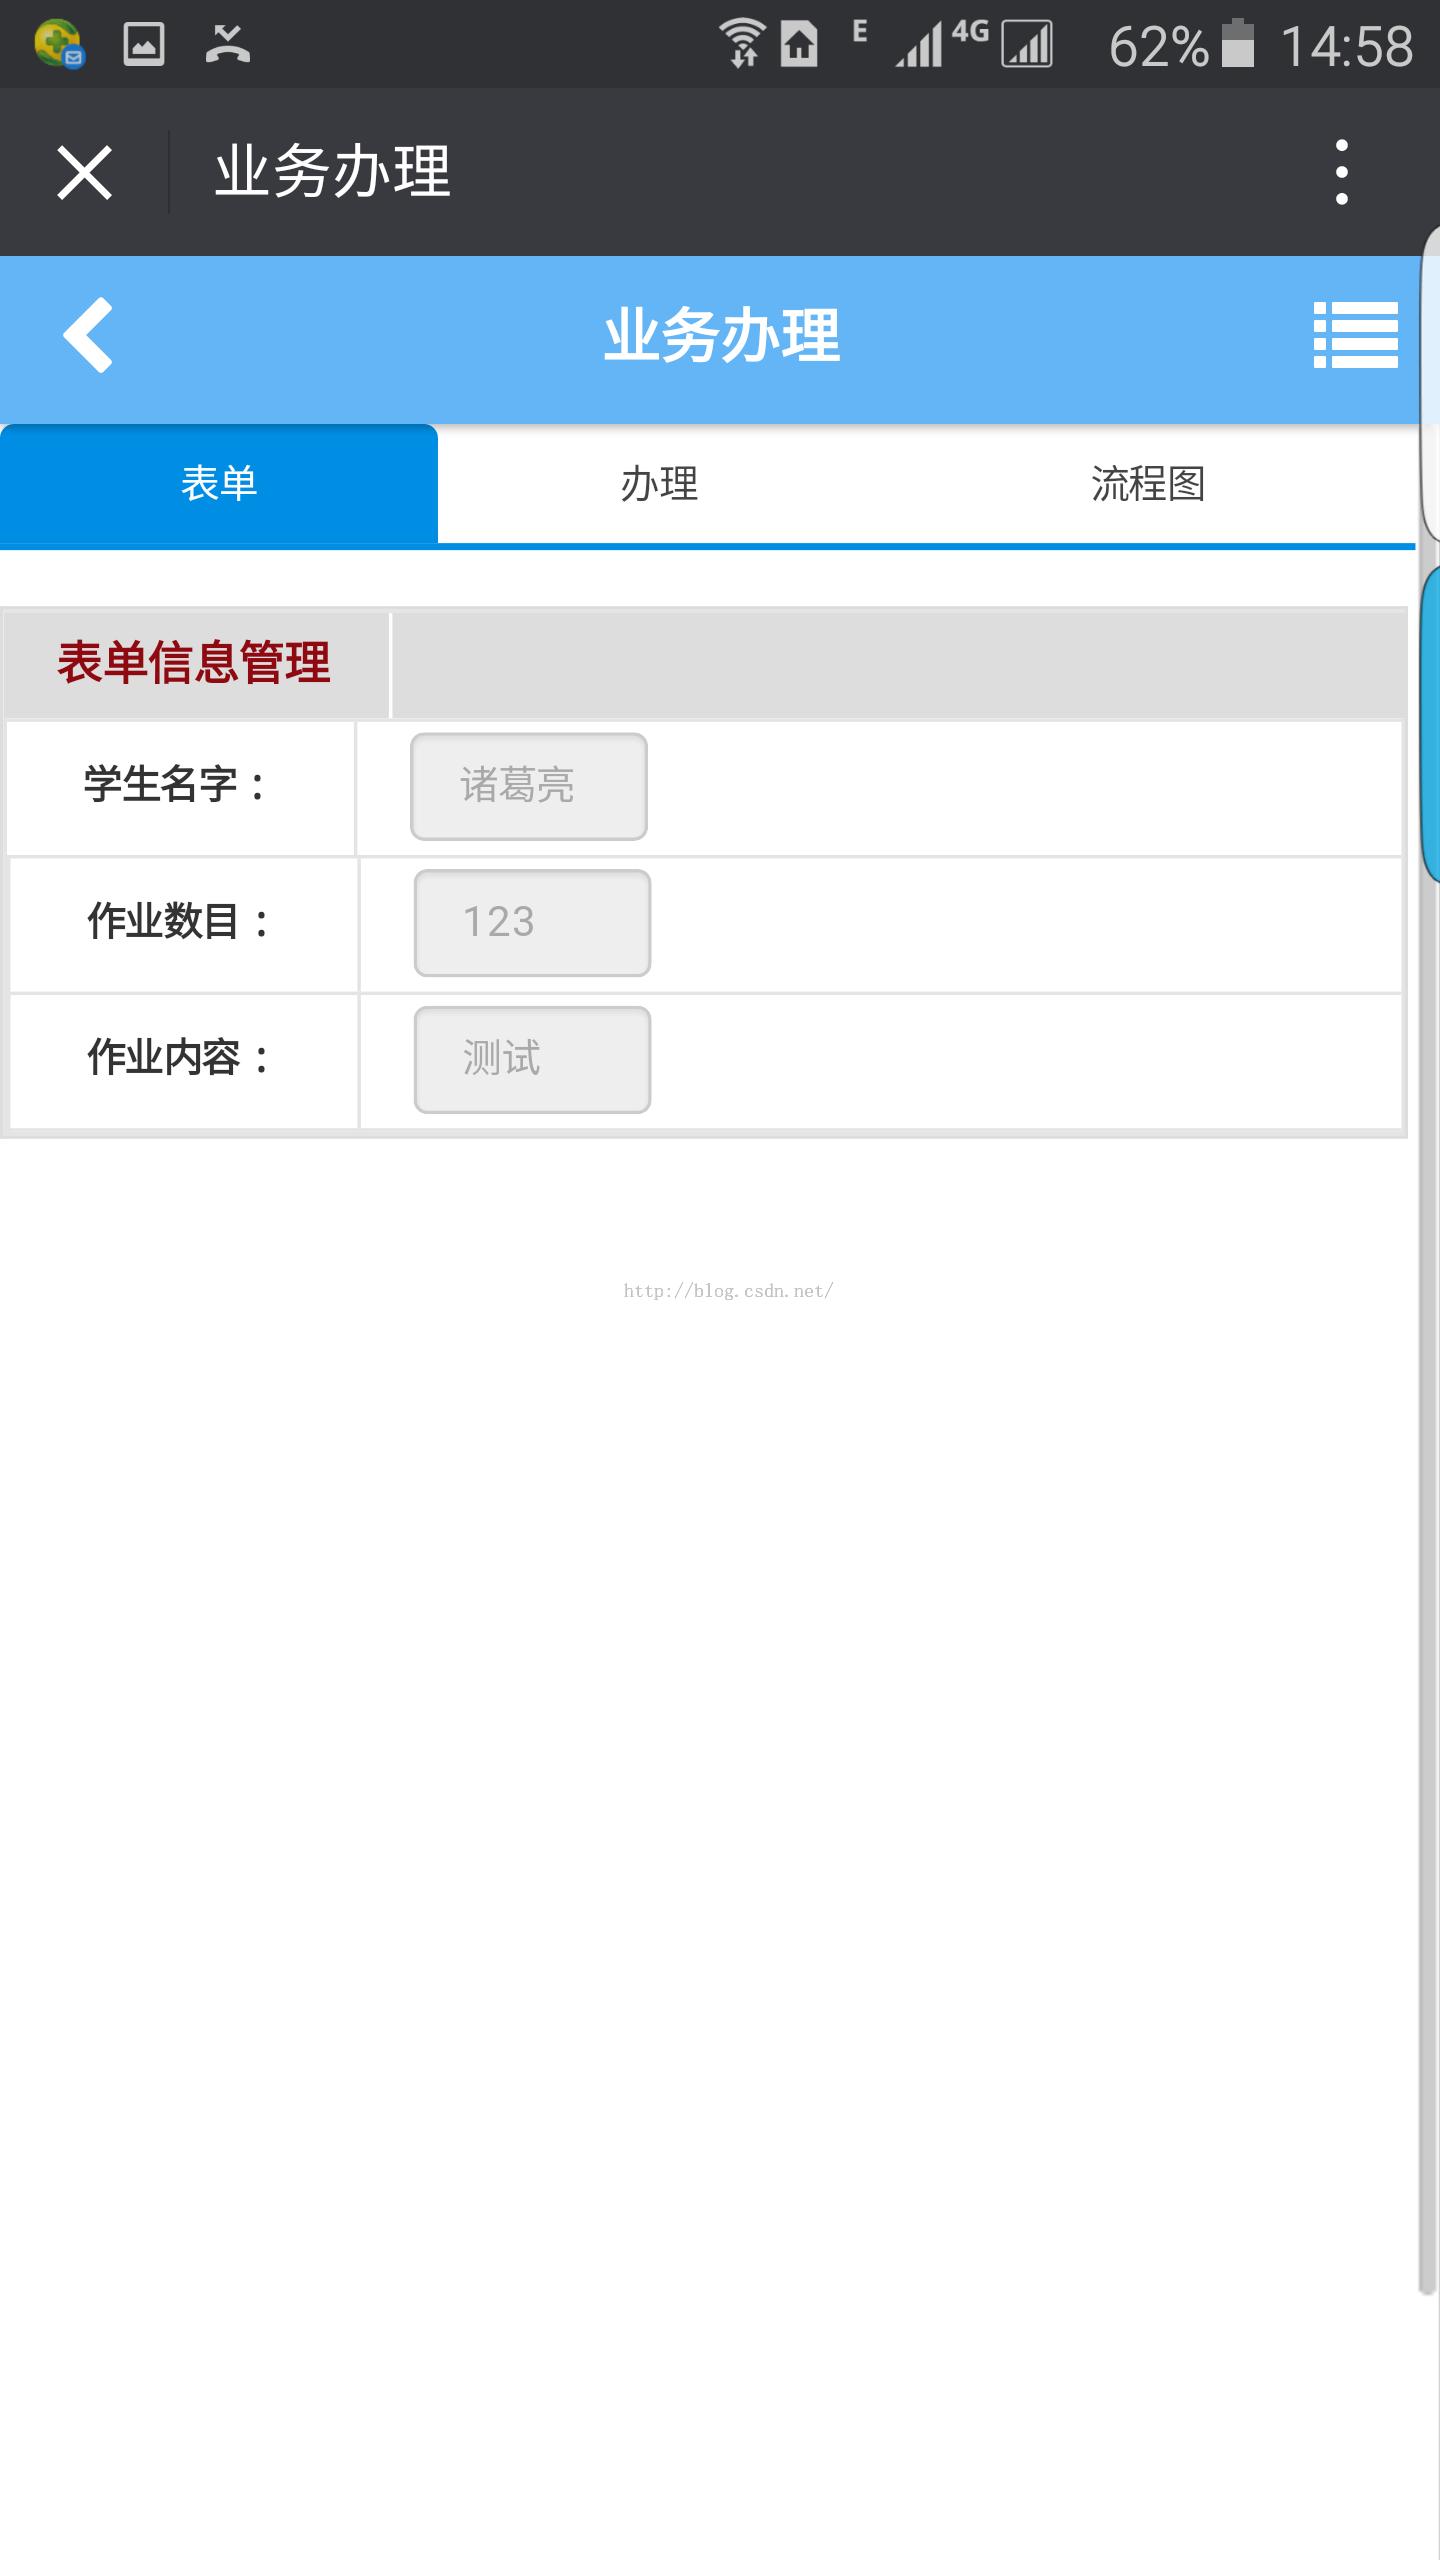 JEECG 3.6.2 移动能力版发布,快速开发平台